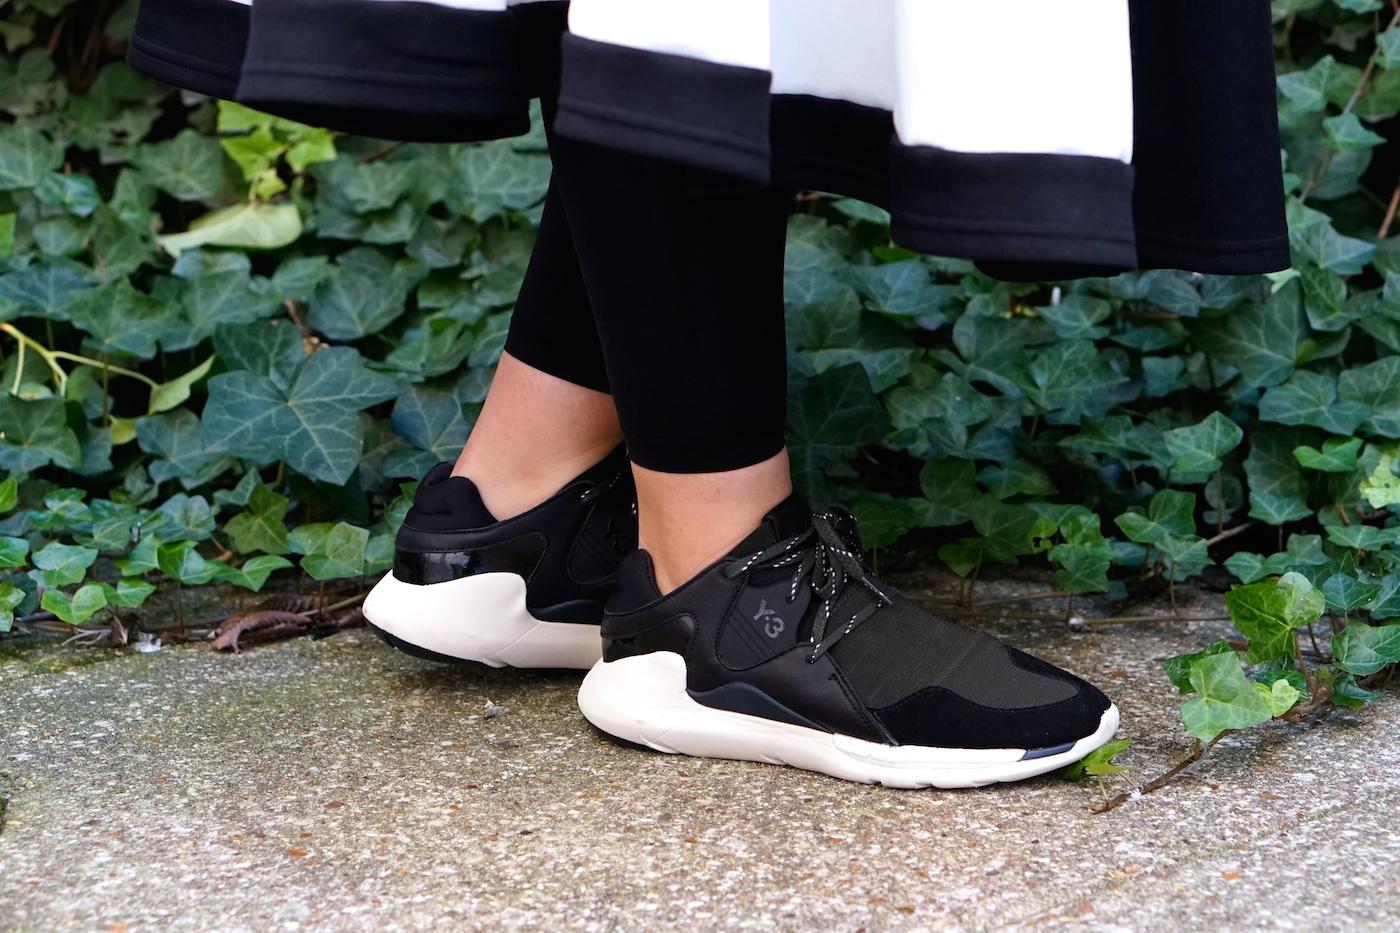 adidas Y3 uglymely